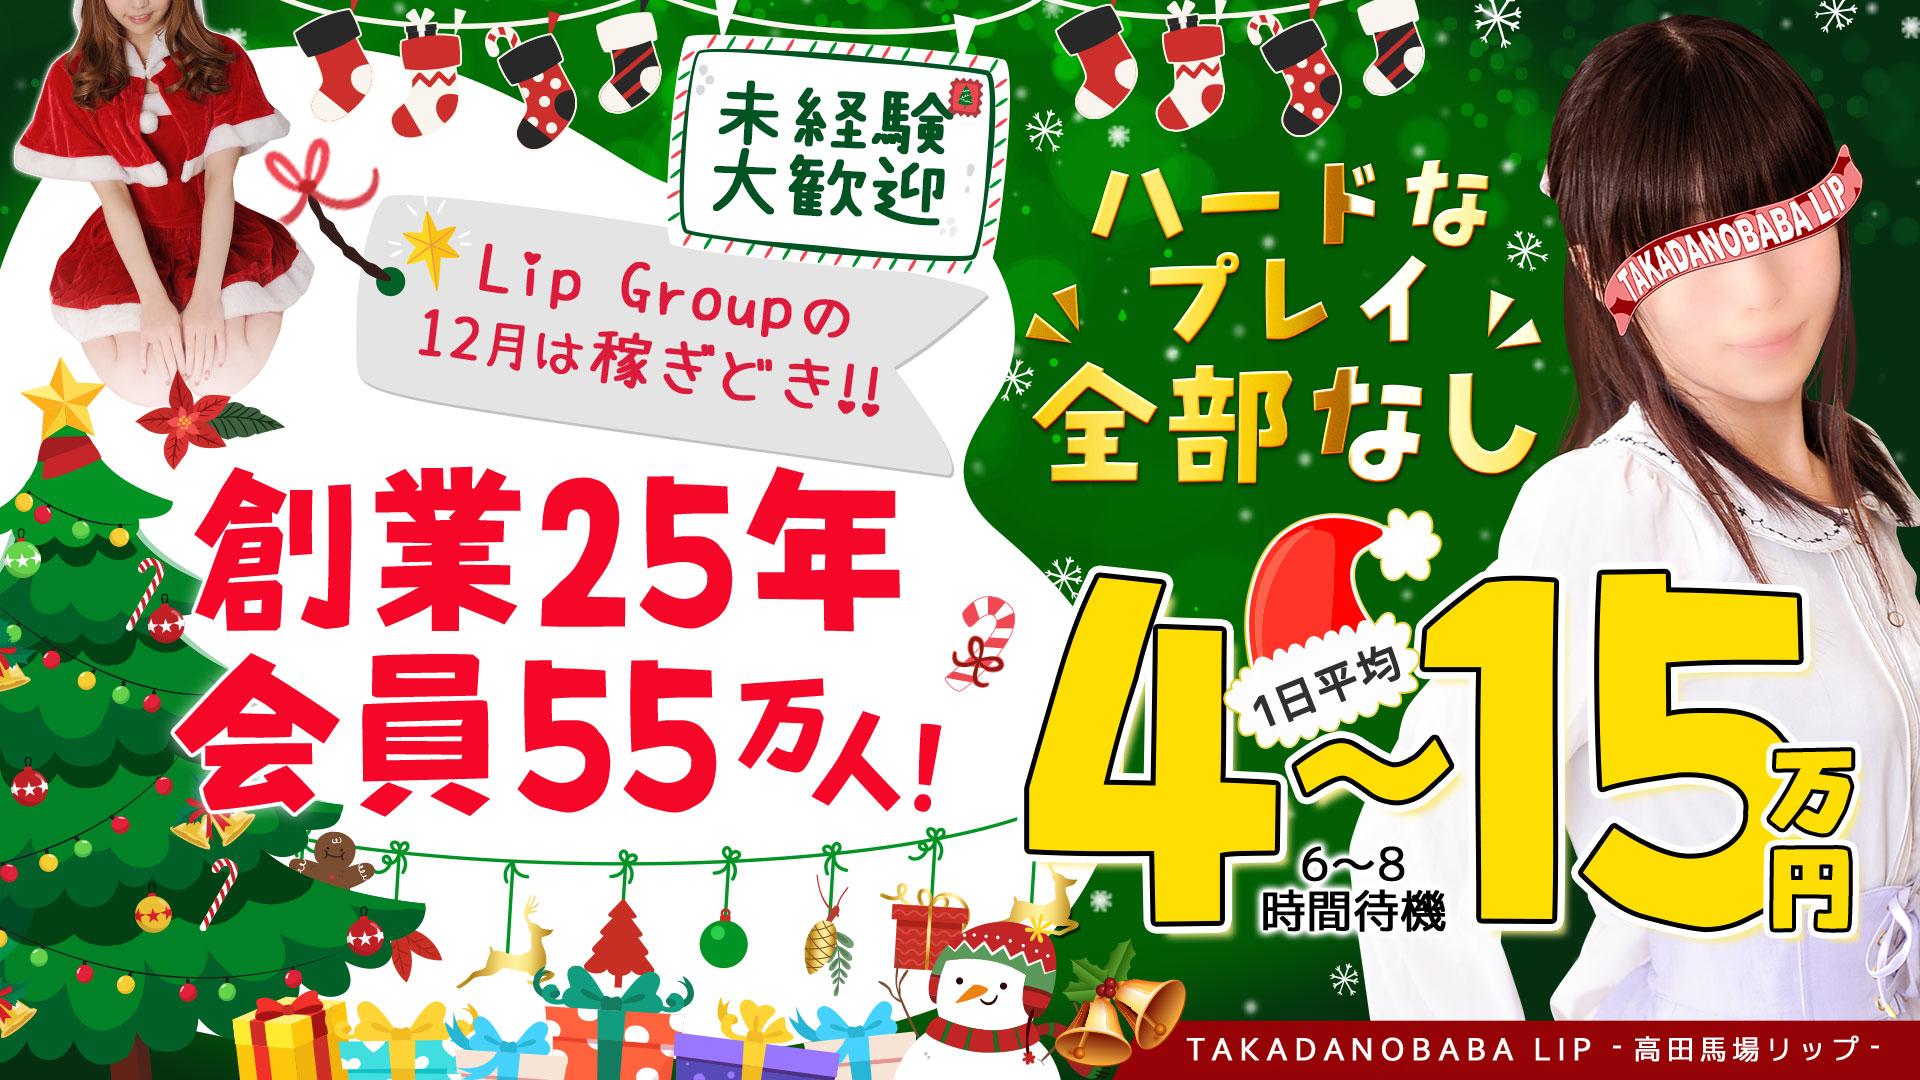 高田馬場Lip(リップグループ)